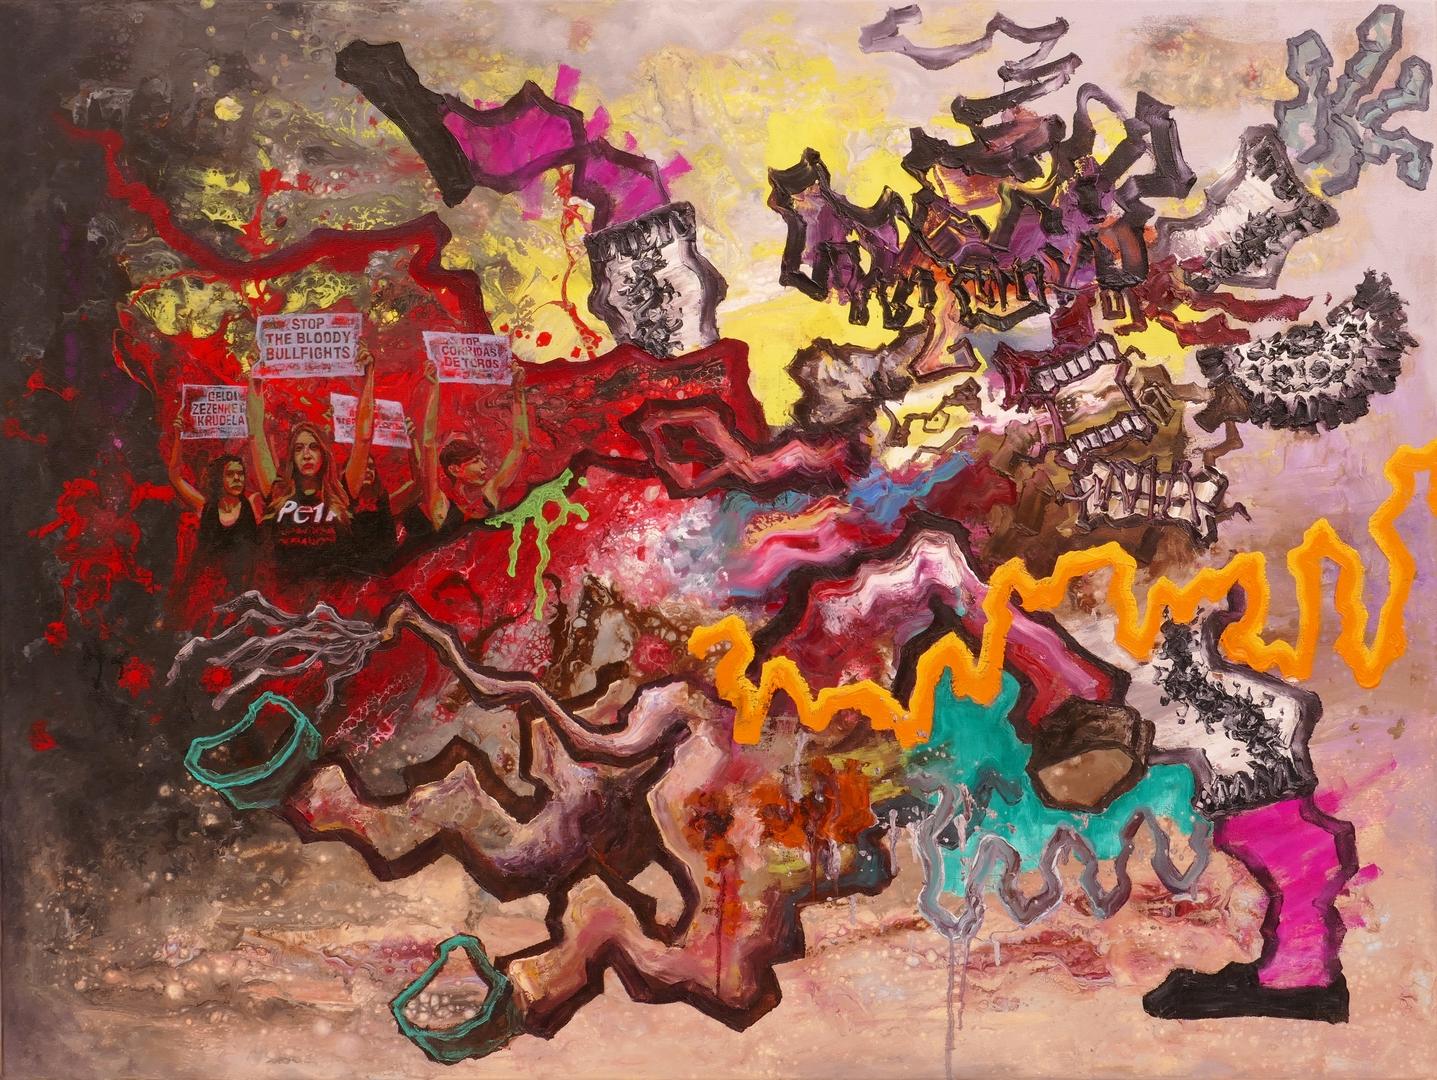 B,Horn gegen Schwert,90x120cm, Öl, Acryl auf Leinwand, 2020